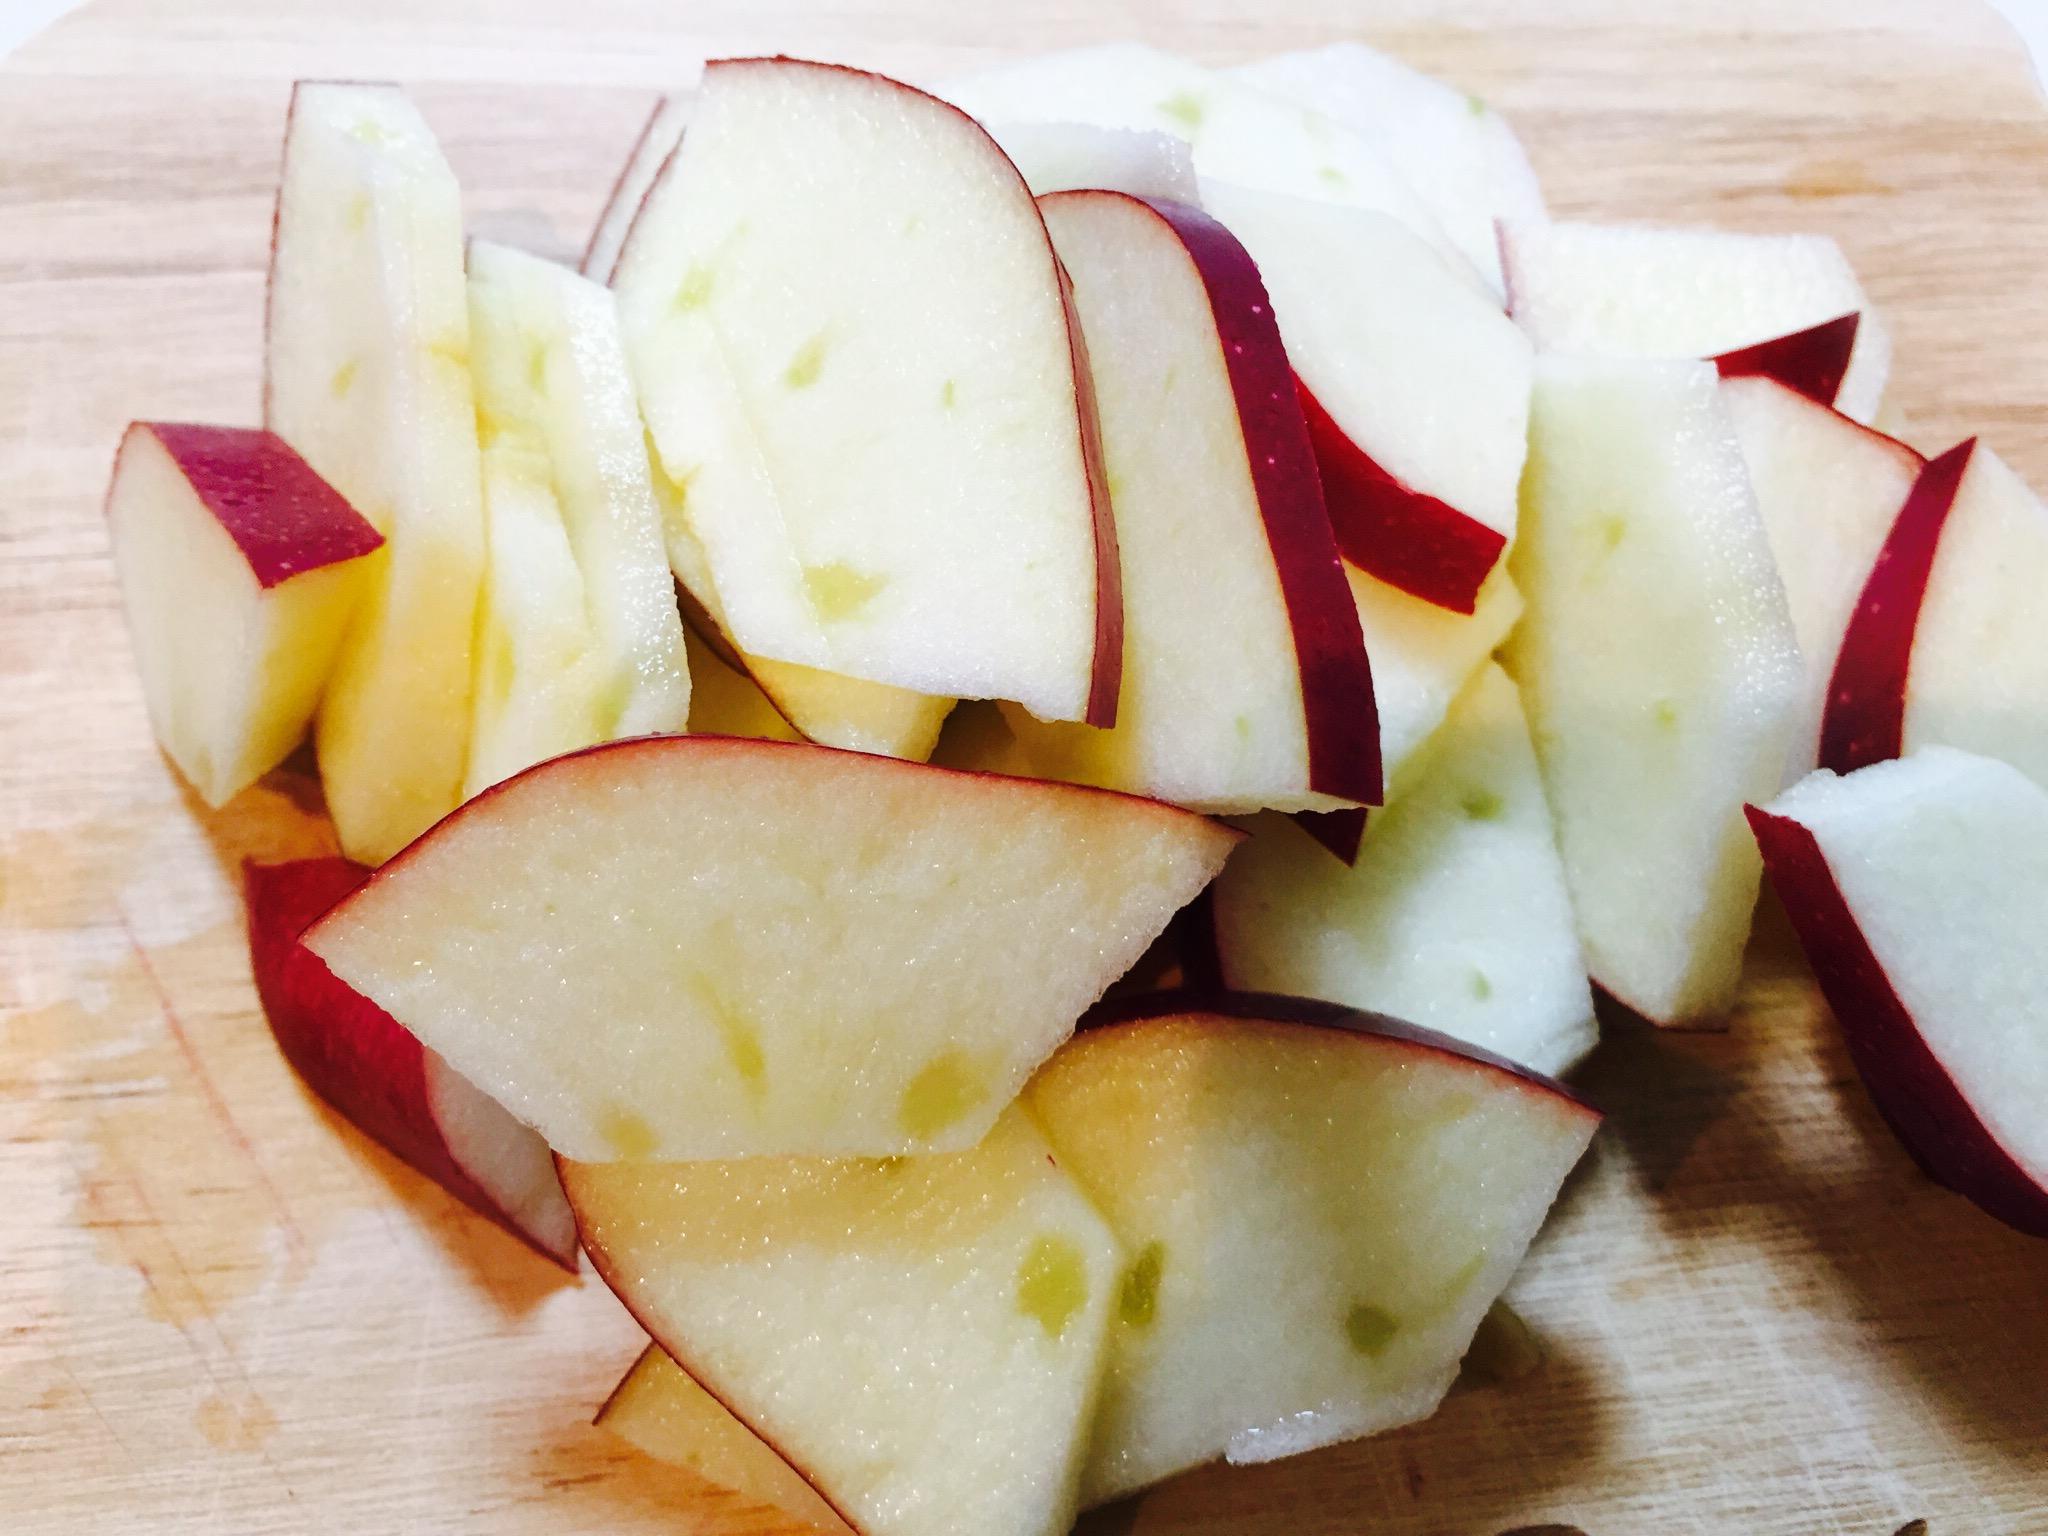 リンゴは皮つきのまま薄いイチョウ切り